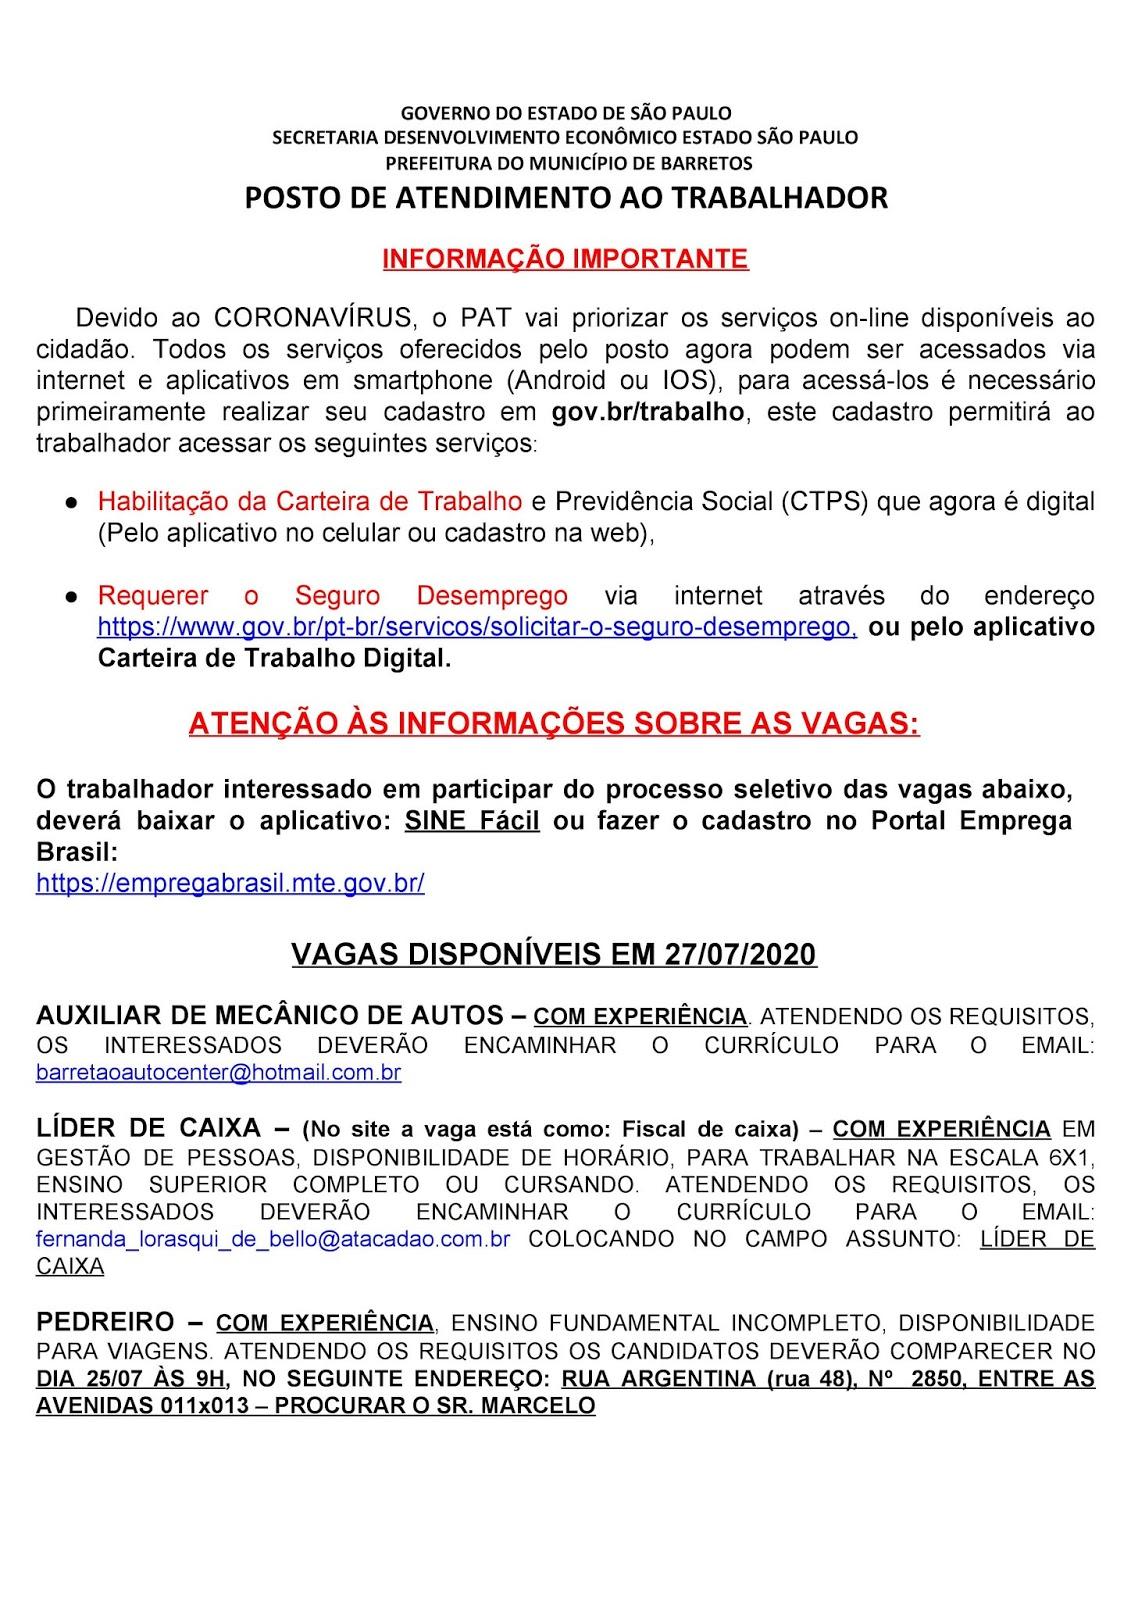 VAGAS DE EMPREGO DO PAT BARRETOS-SP PARA 27/07/2020 PUBLICADAS NA TARDE DE 24/07/2020 - PAG. 1